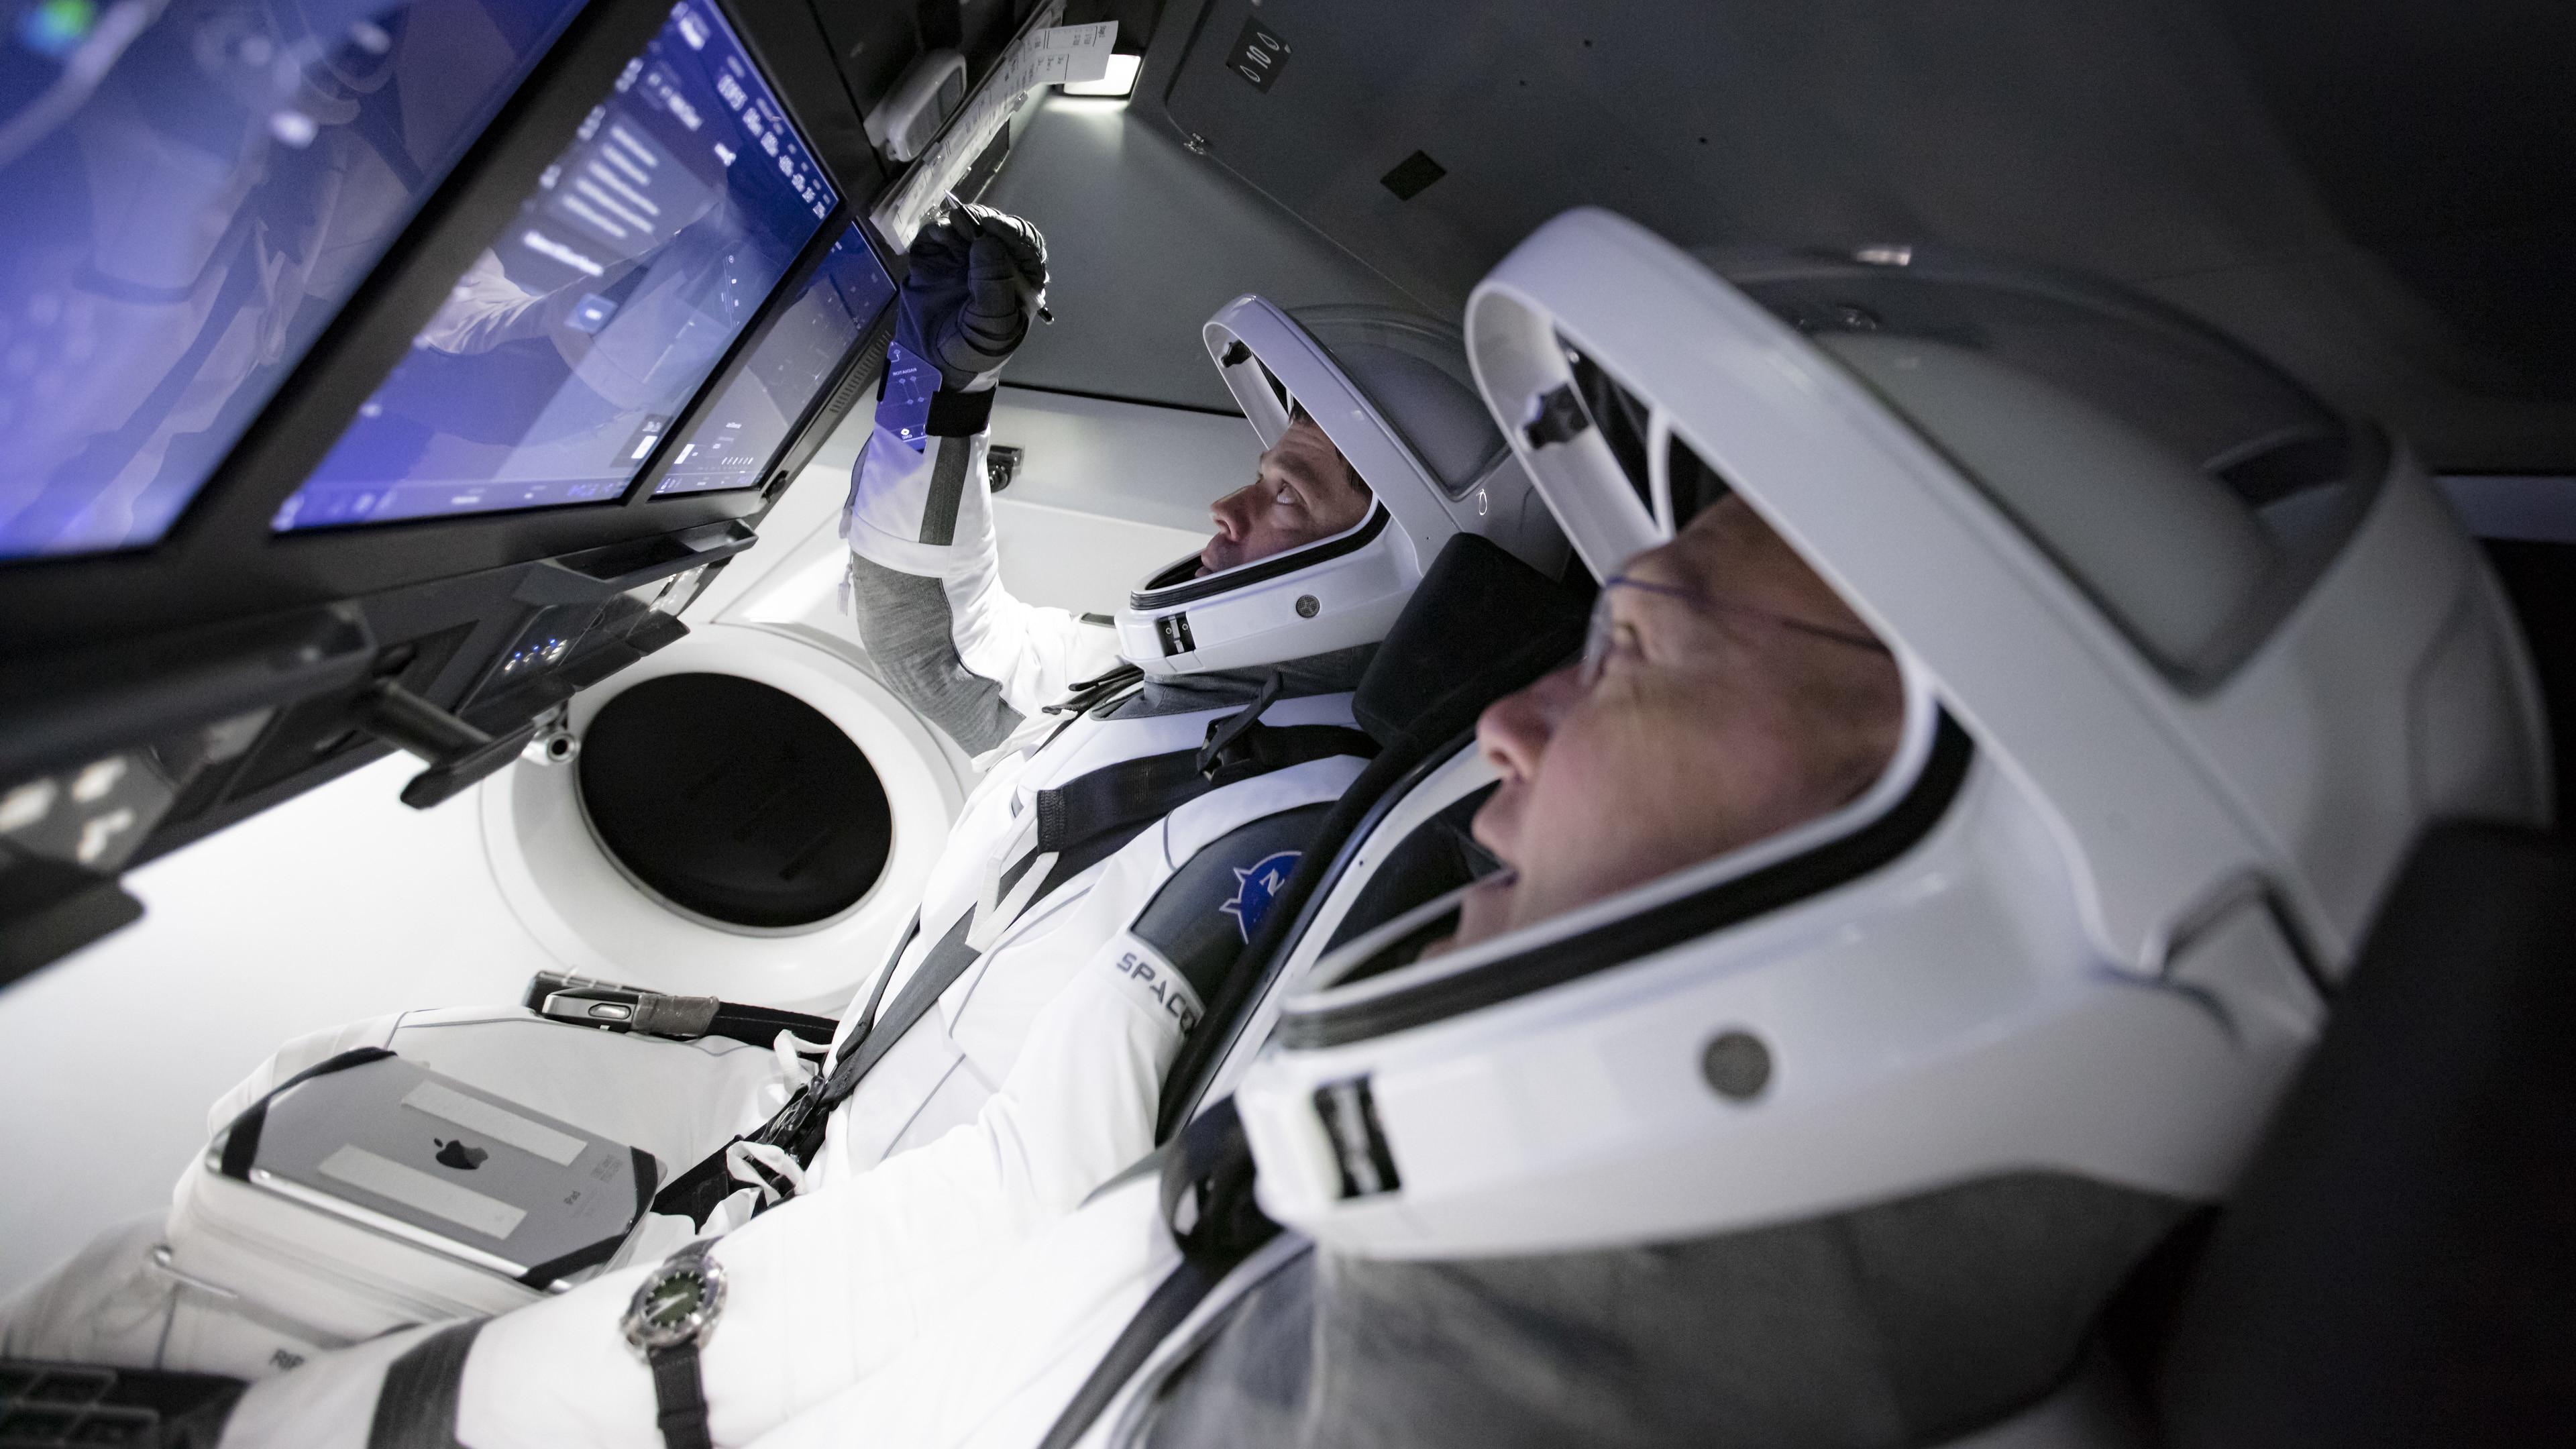 Douglas Hurley i Robert Behnken w symulatorze statku Dragon (Źródło: SpaceX/NASA)